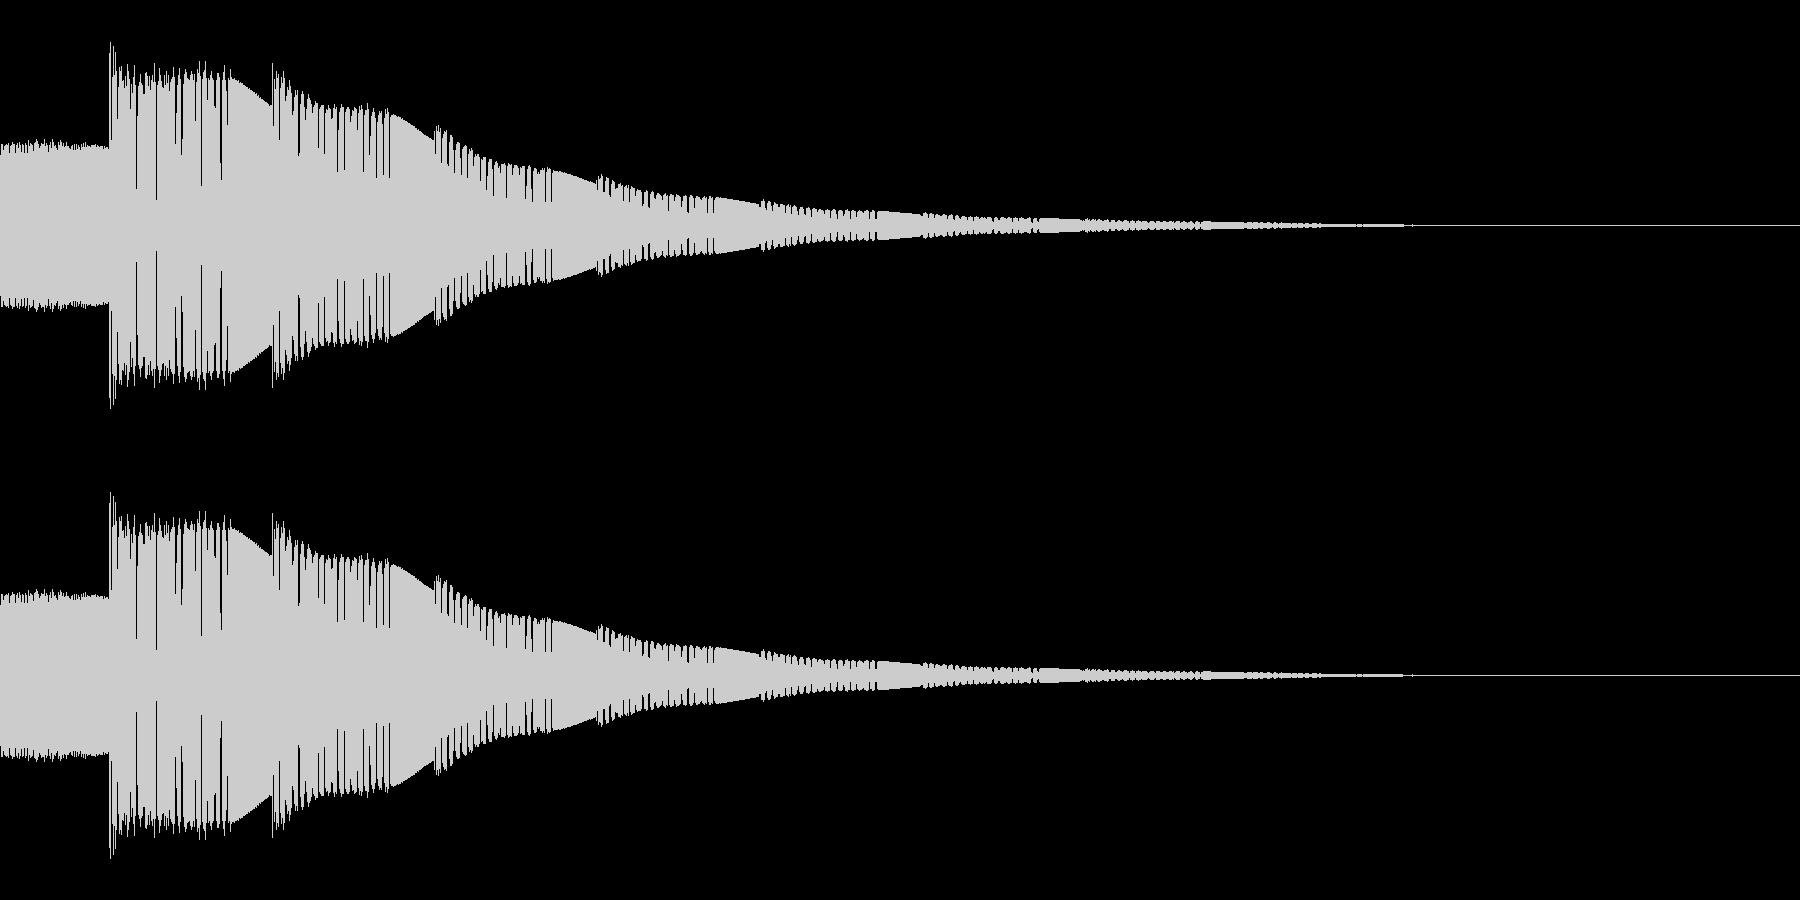 ピコーン(選択音/SF/宇宙/宇宙船)の未再生の波形